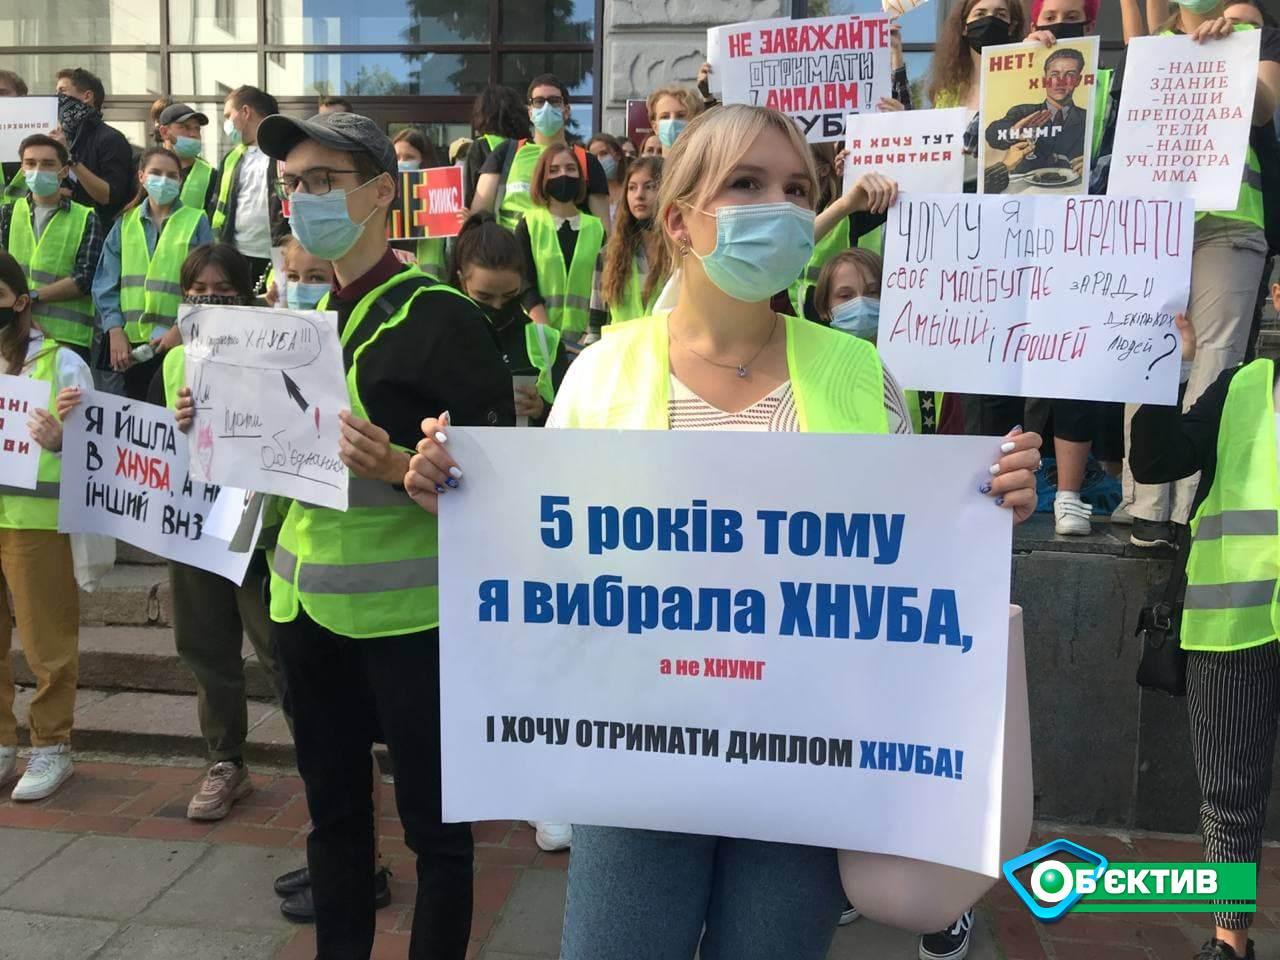 В Харькове студенты ХНУСА протестовали против объединения вуза с университетом городского хозяйства имени А.М. Бекетова